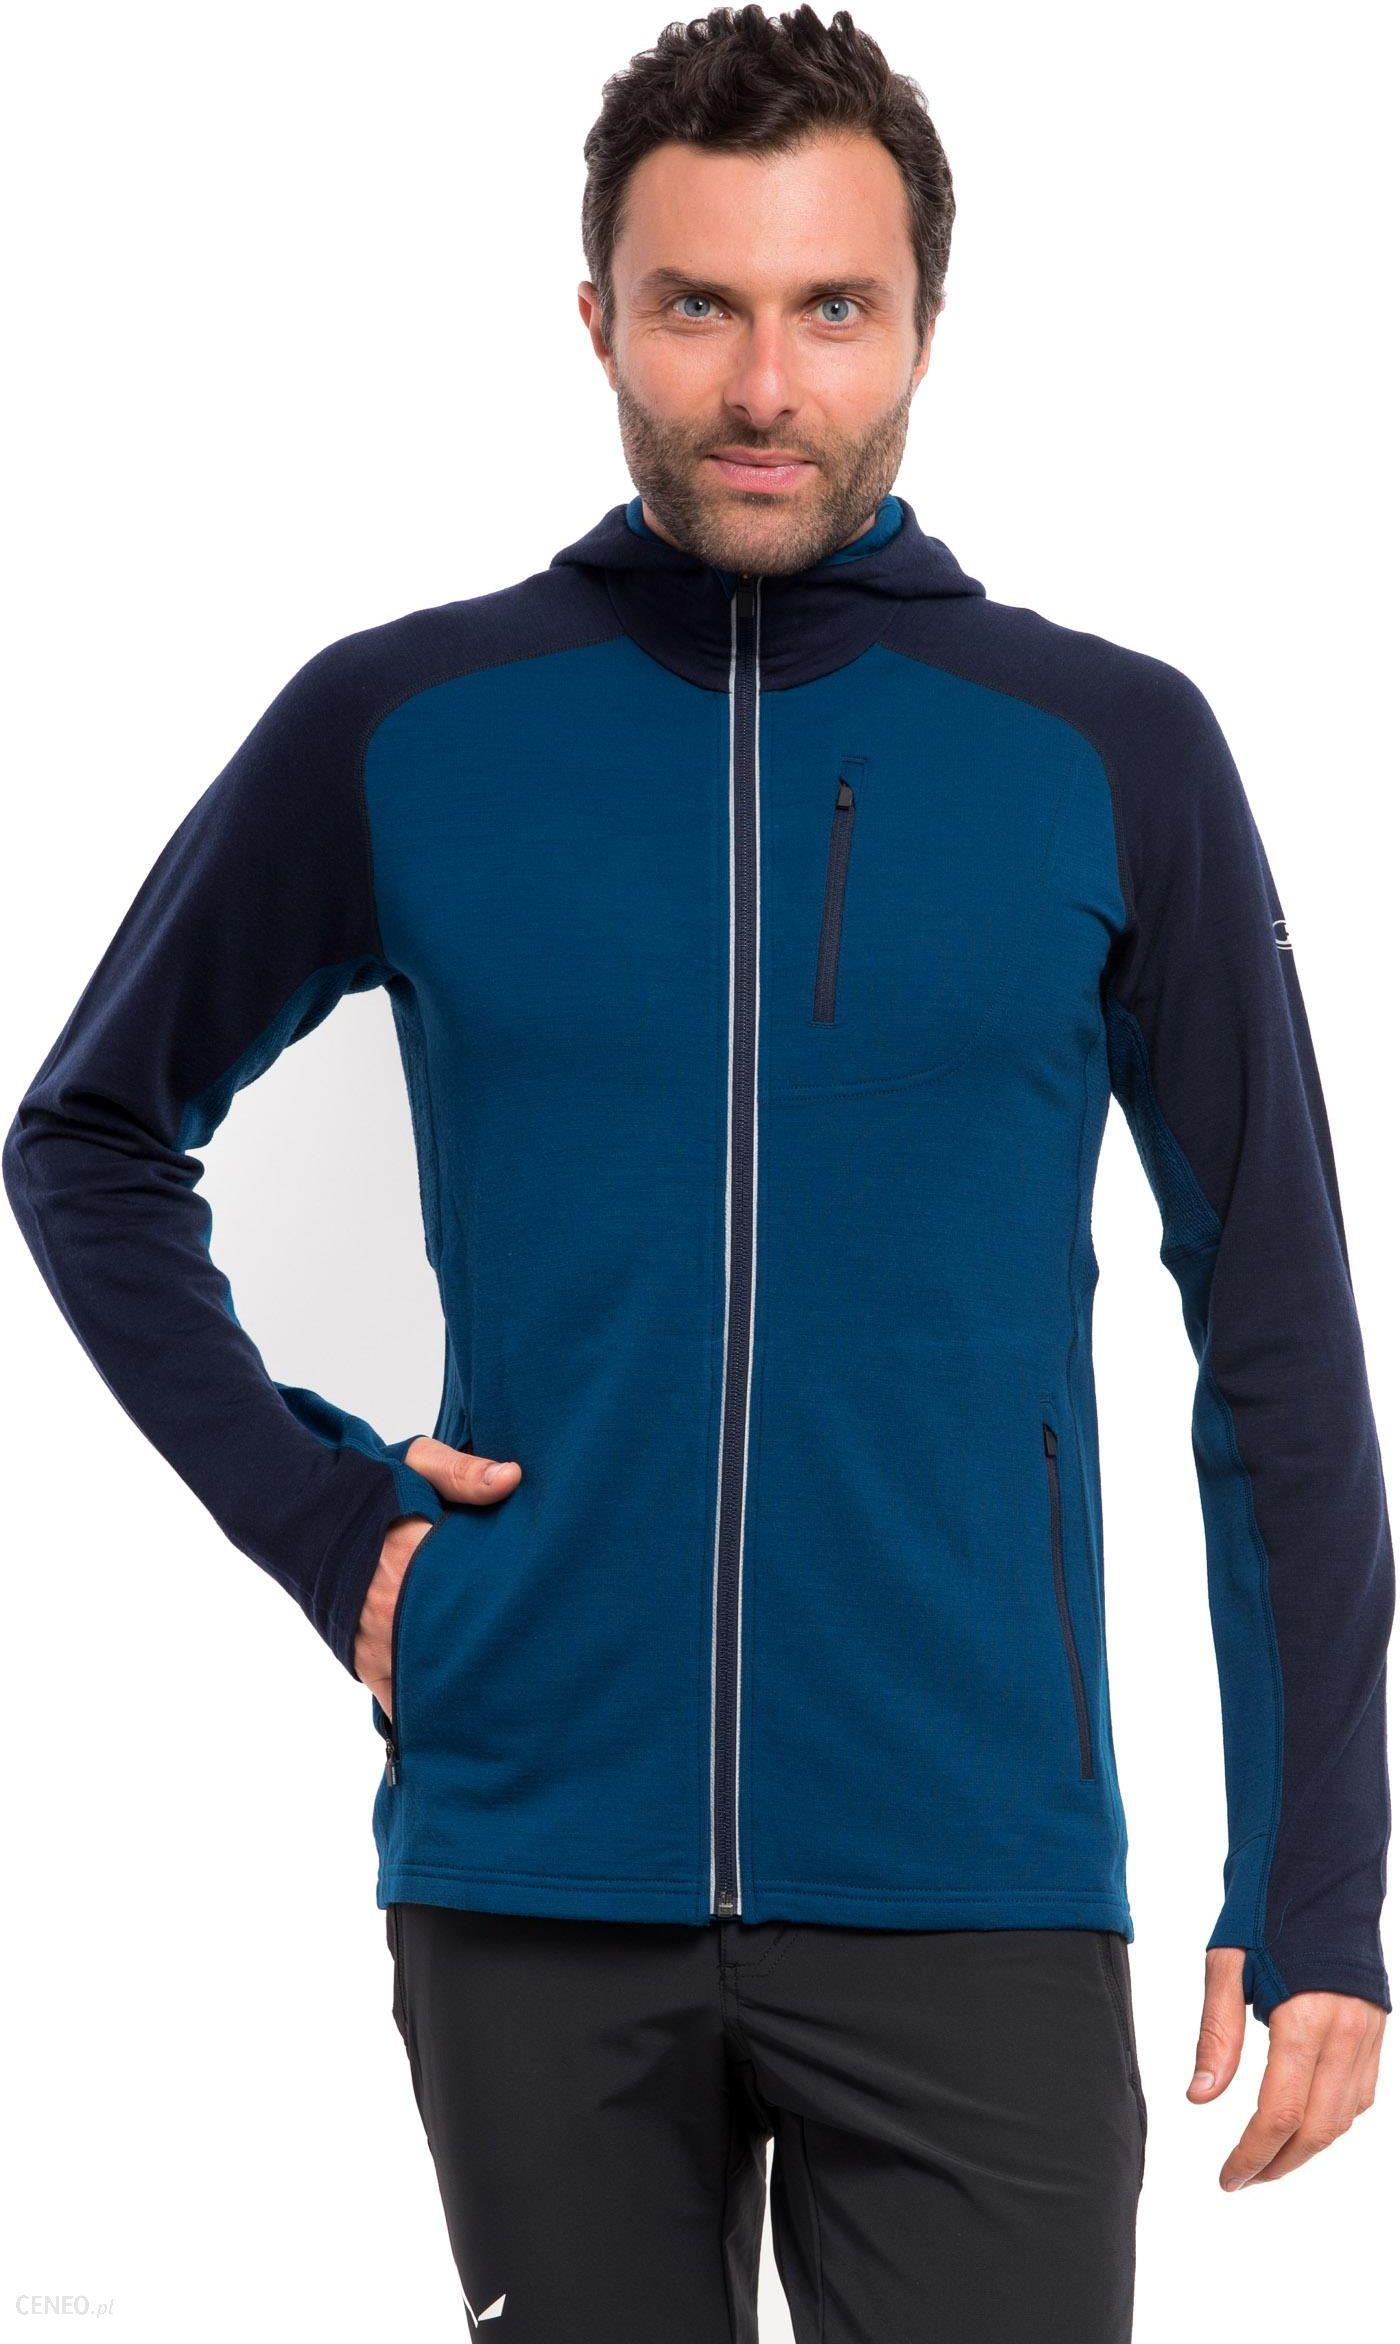 Bluza męska Nike Dry Fleece Hoodie 860469 014 Ceny i opinie Ceneo.pl